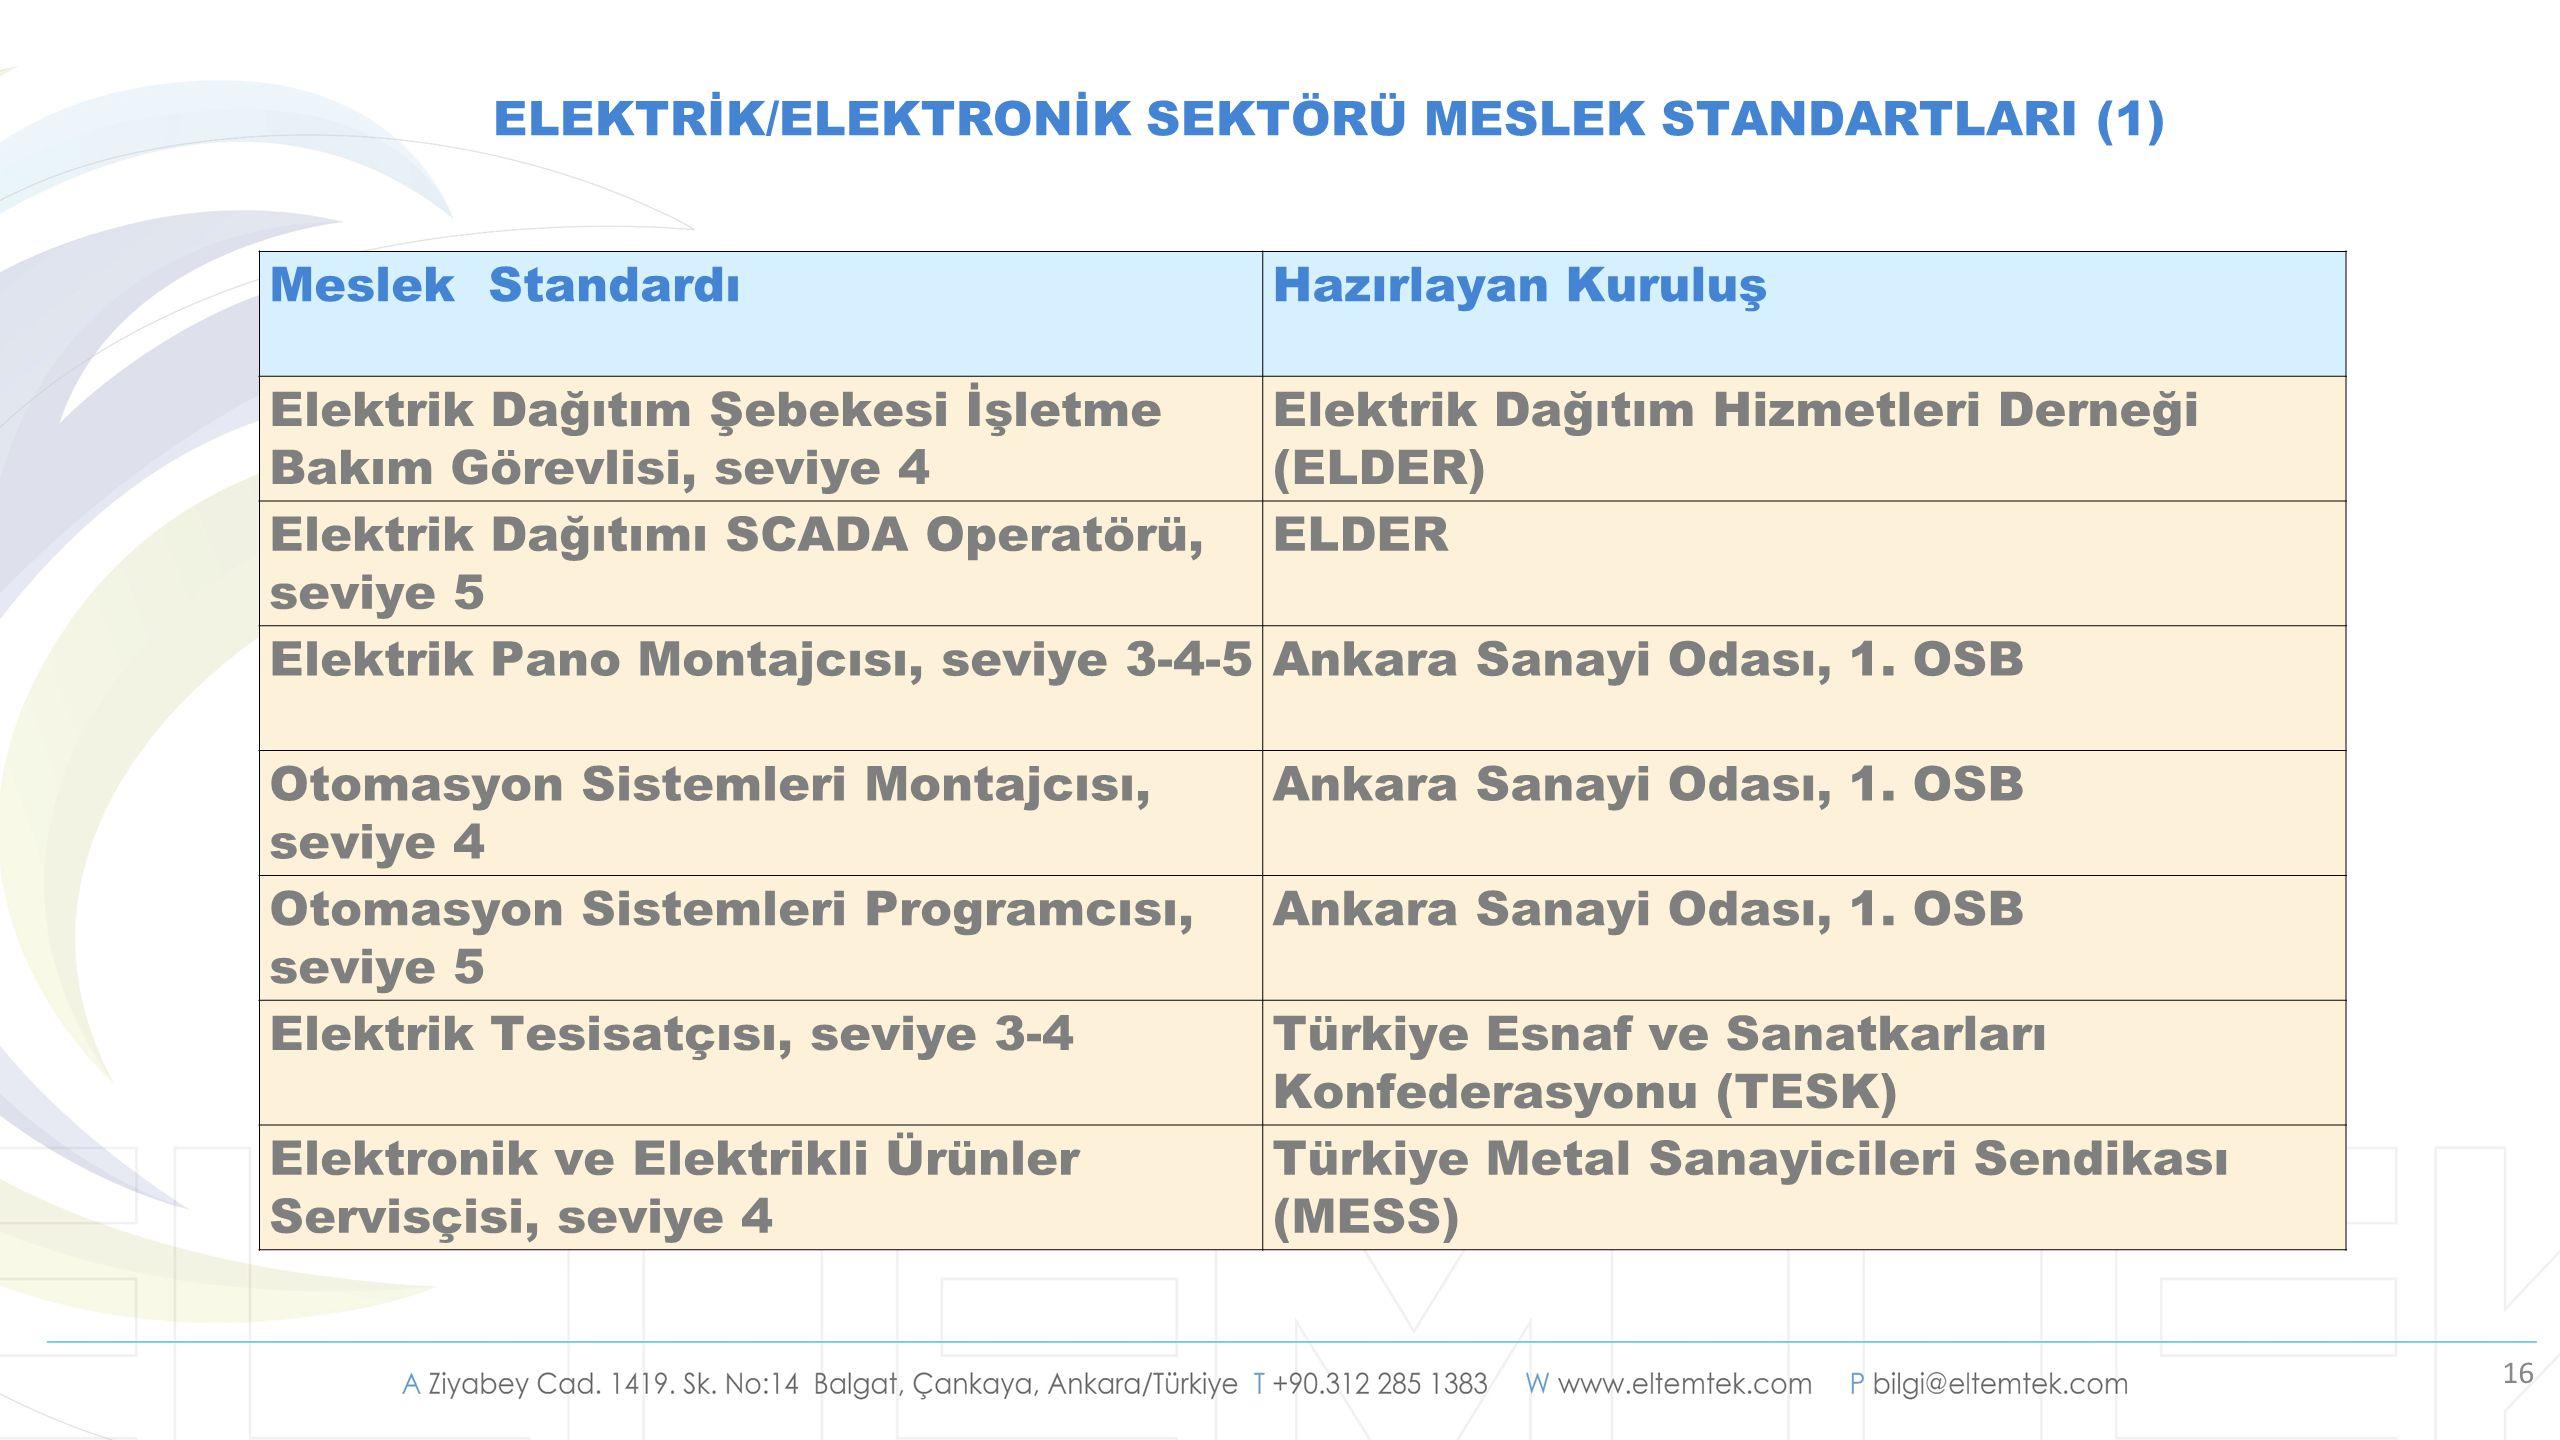 16 ELEKTRİK/ELEKTRONİK SEKTÖRÜ MESLEK STANDARTLARI (1) Meslek StandardıHazırlayan Kuruluş Elektrik Dağıtım Şebekesi İşletme Bakım Görevlisi, seviye 4